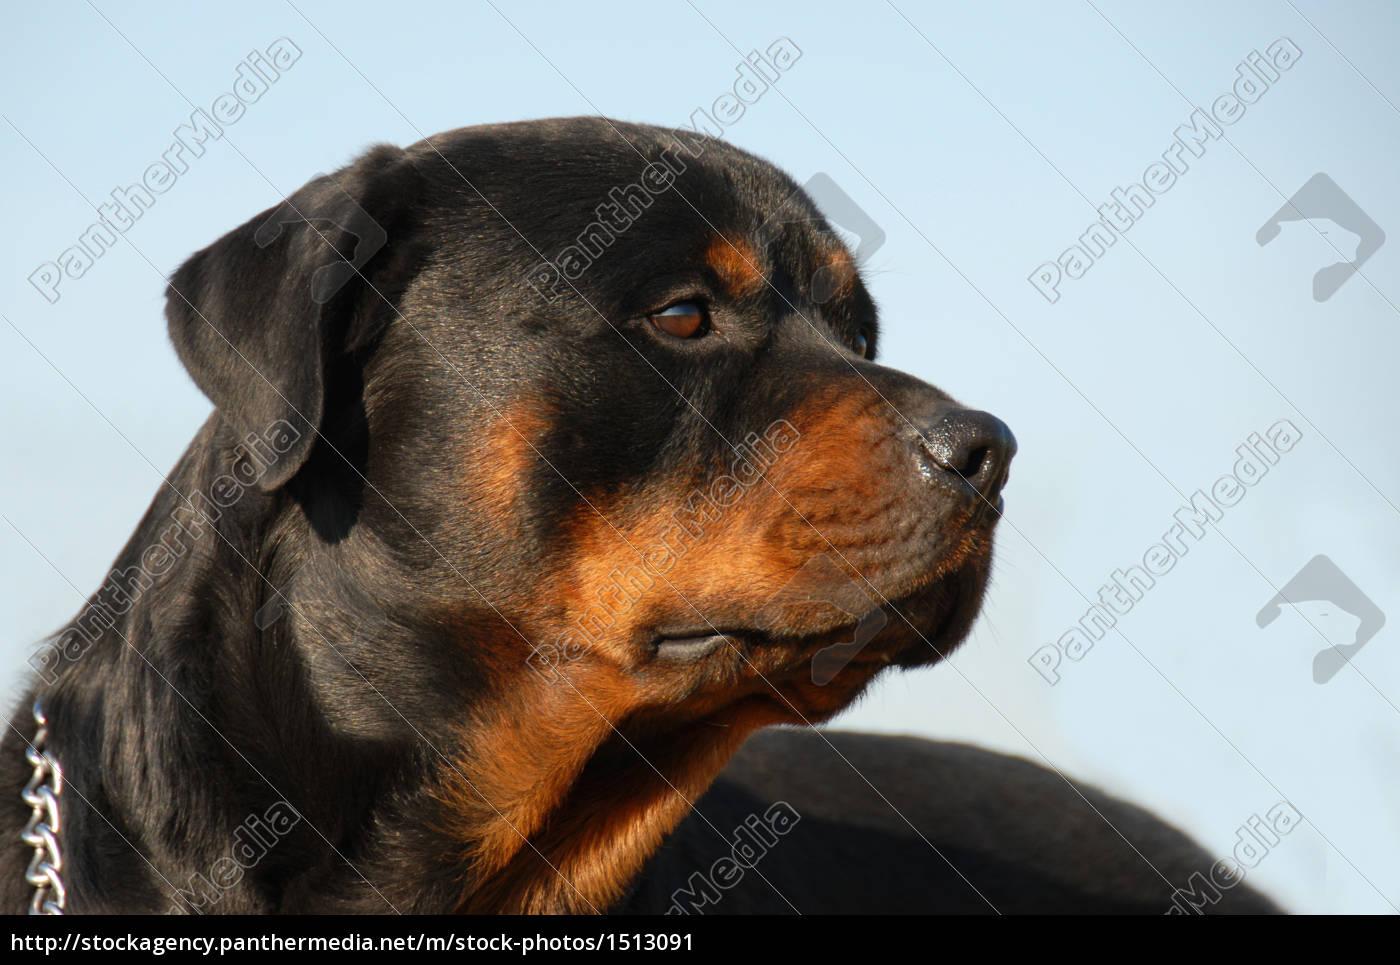 rottweiler - 1513091